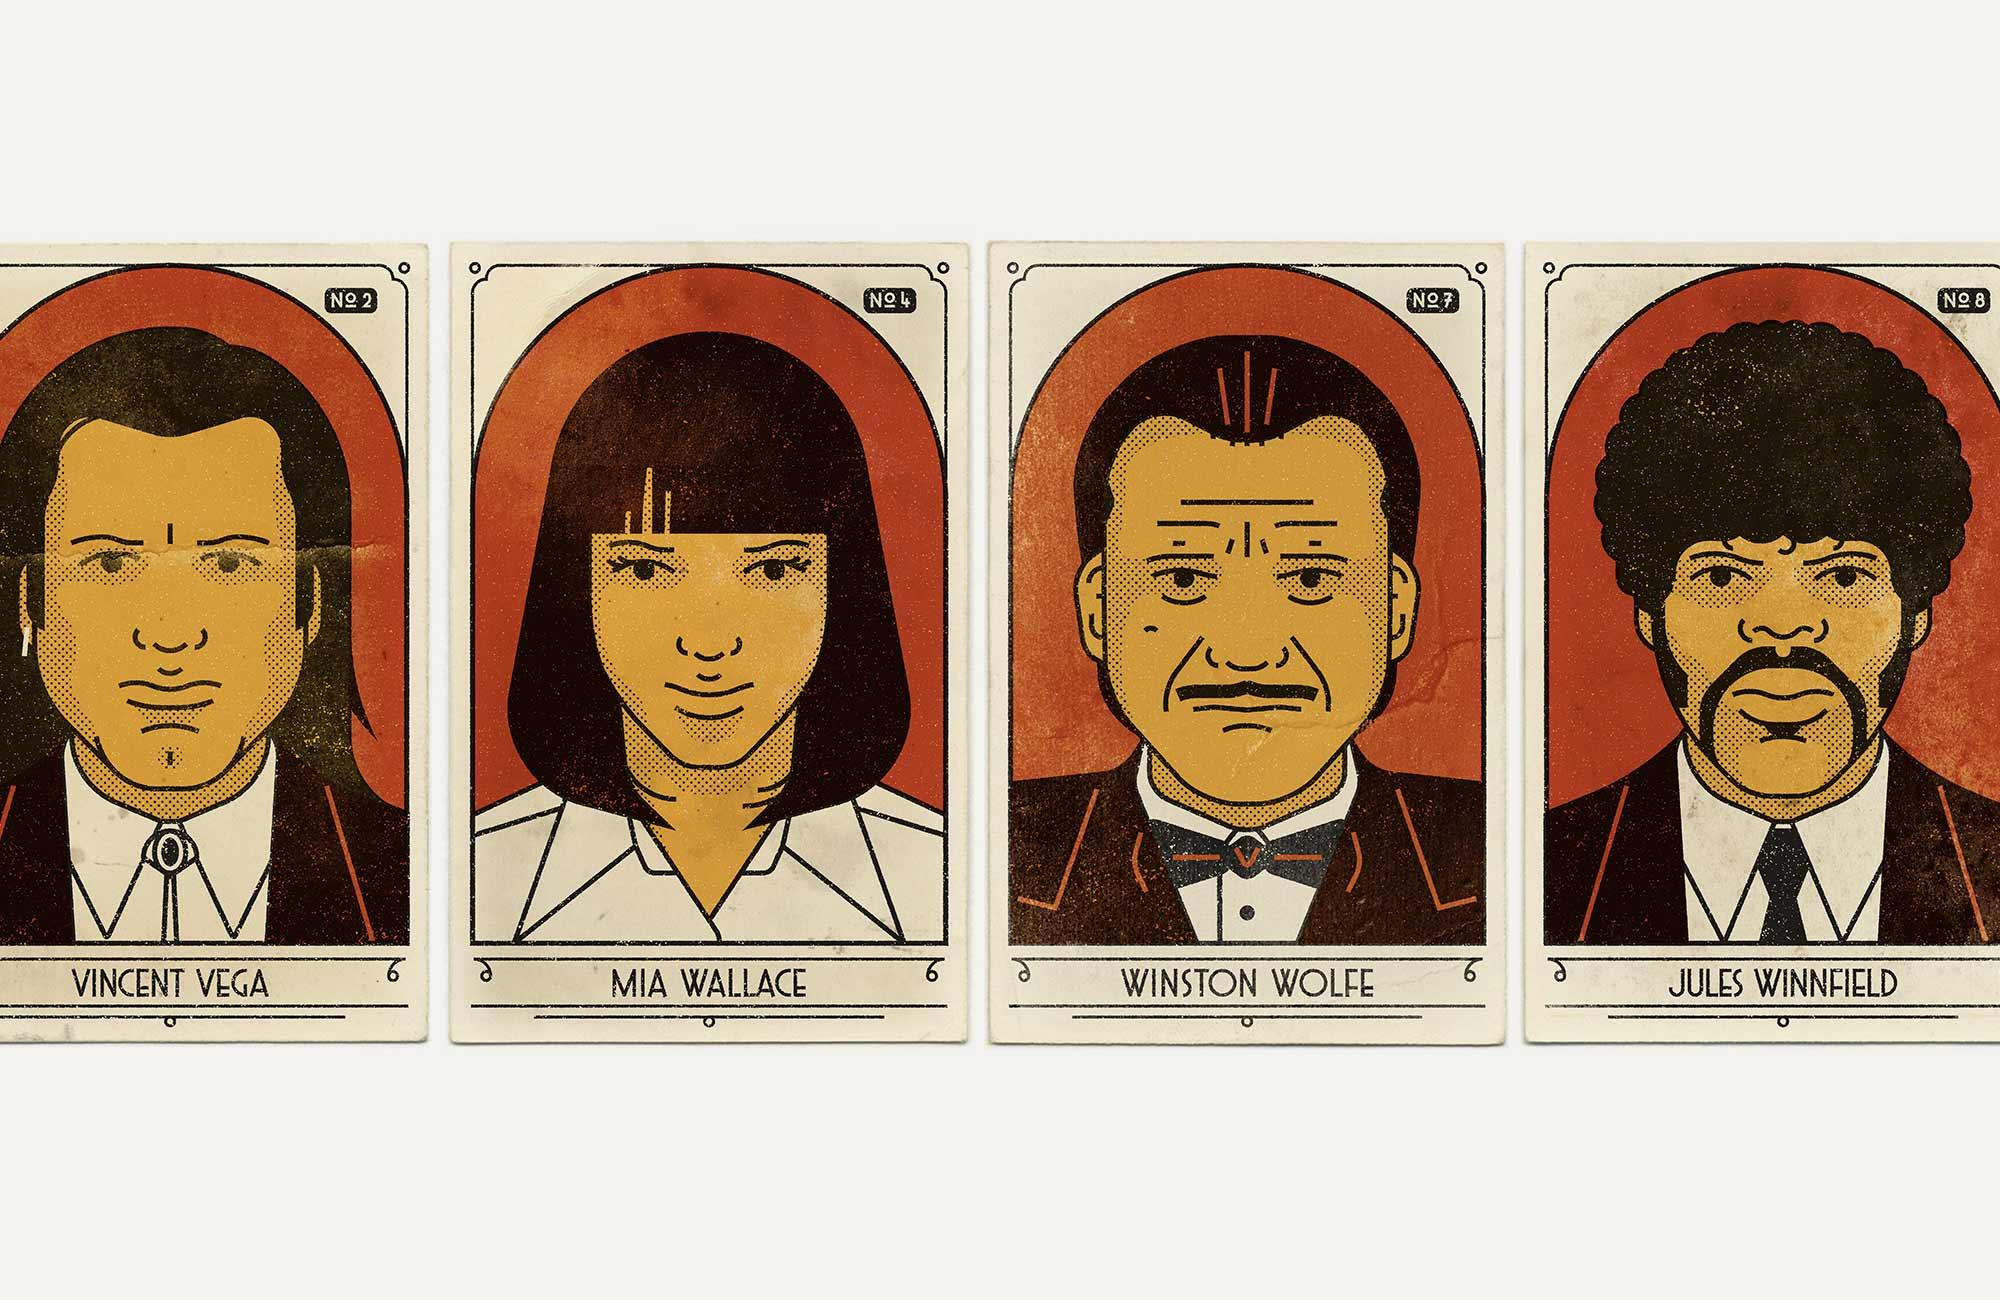 Pulp Fiction Cigarette Cards